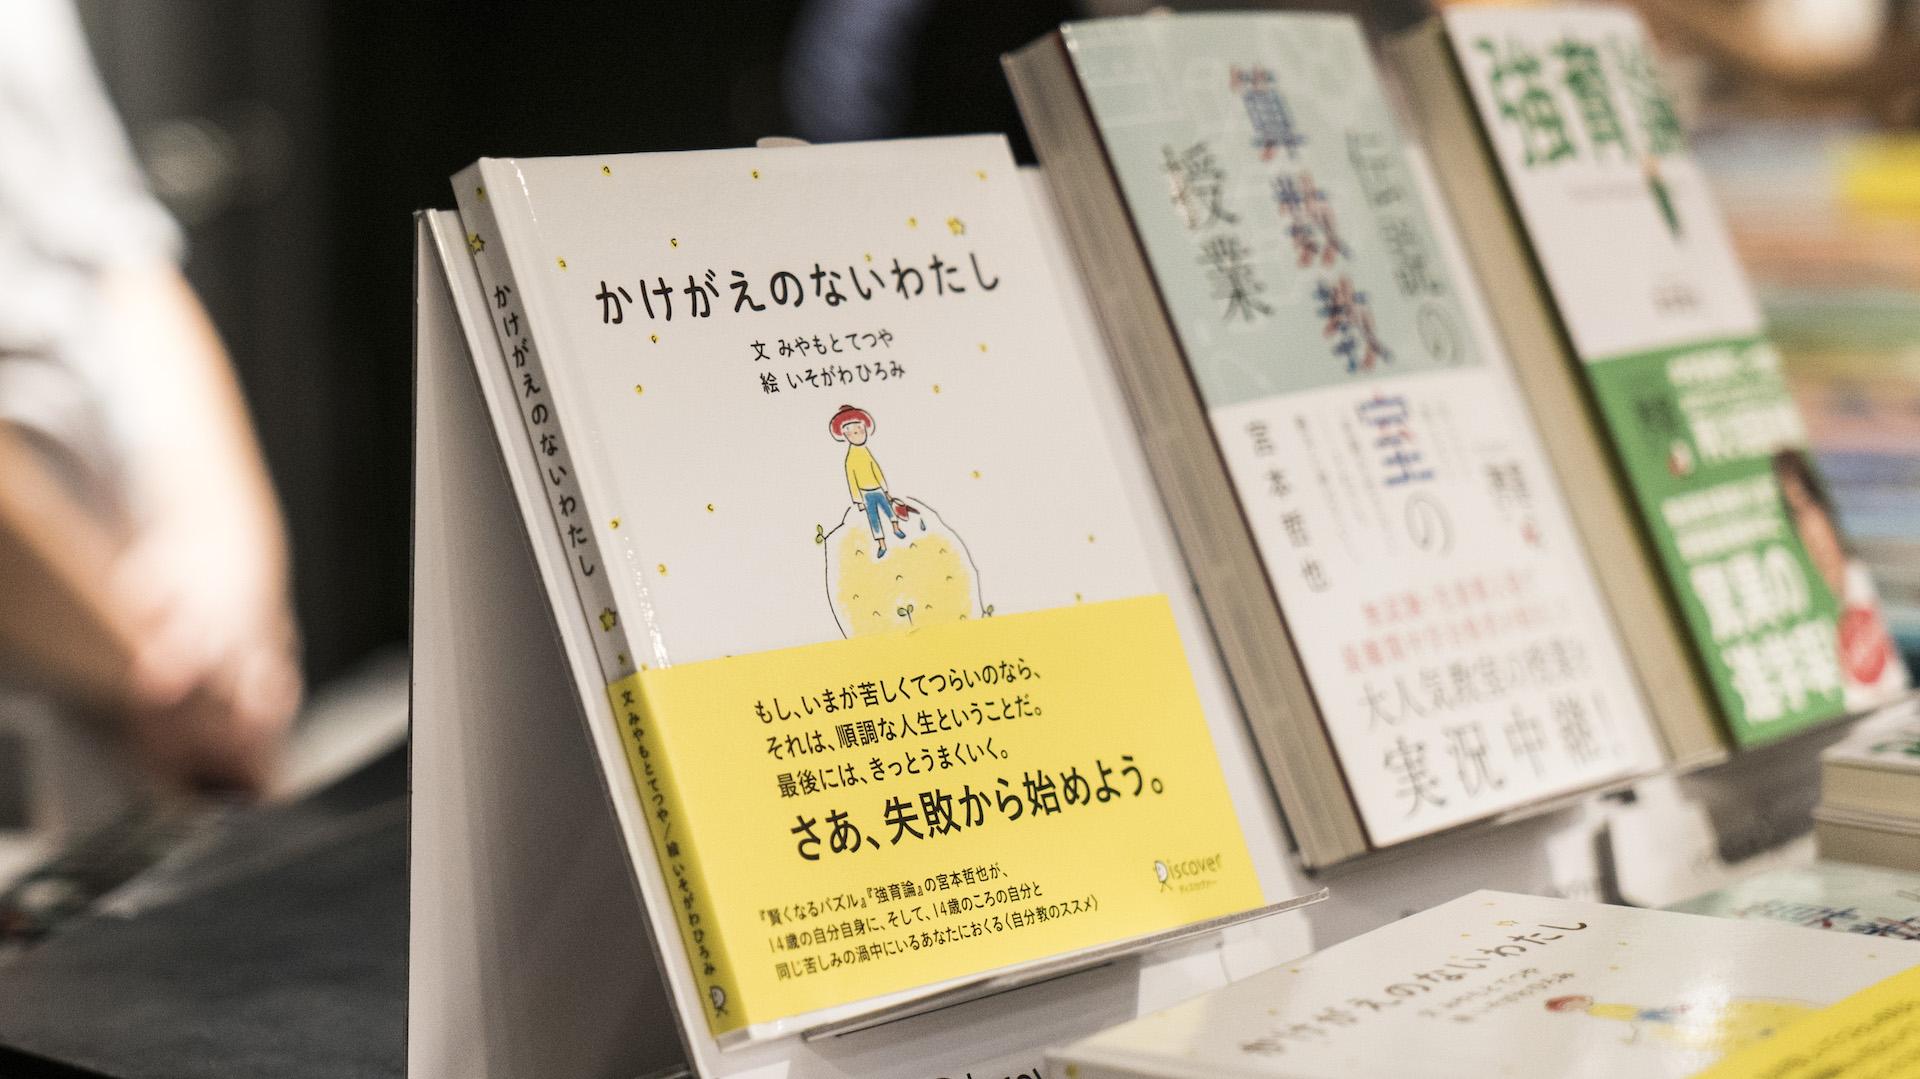 000020 copy.JPG